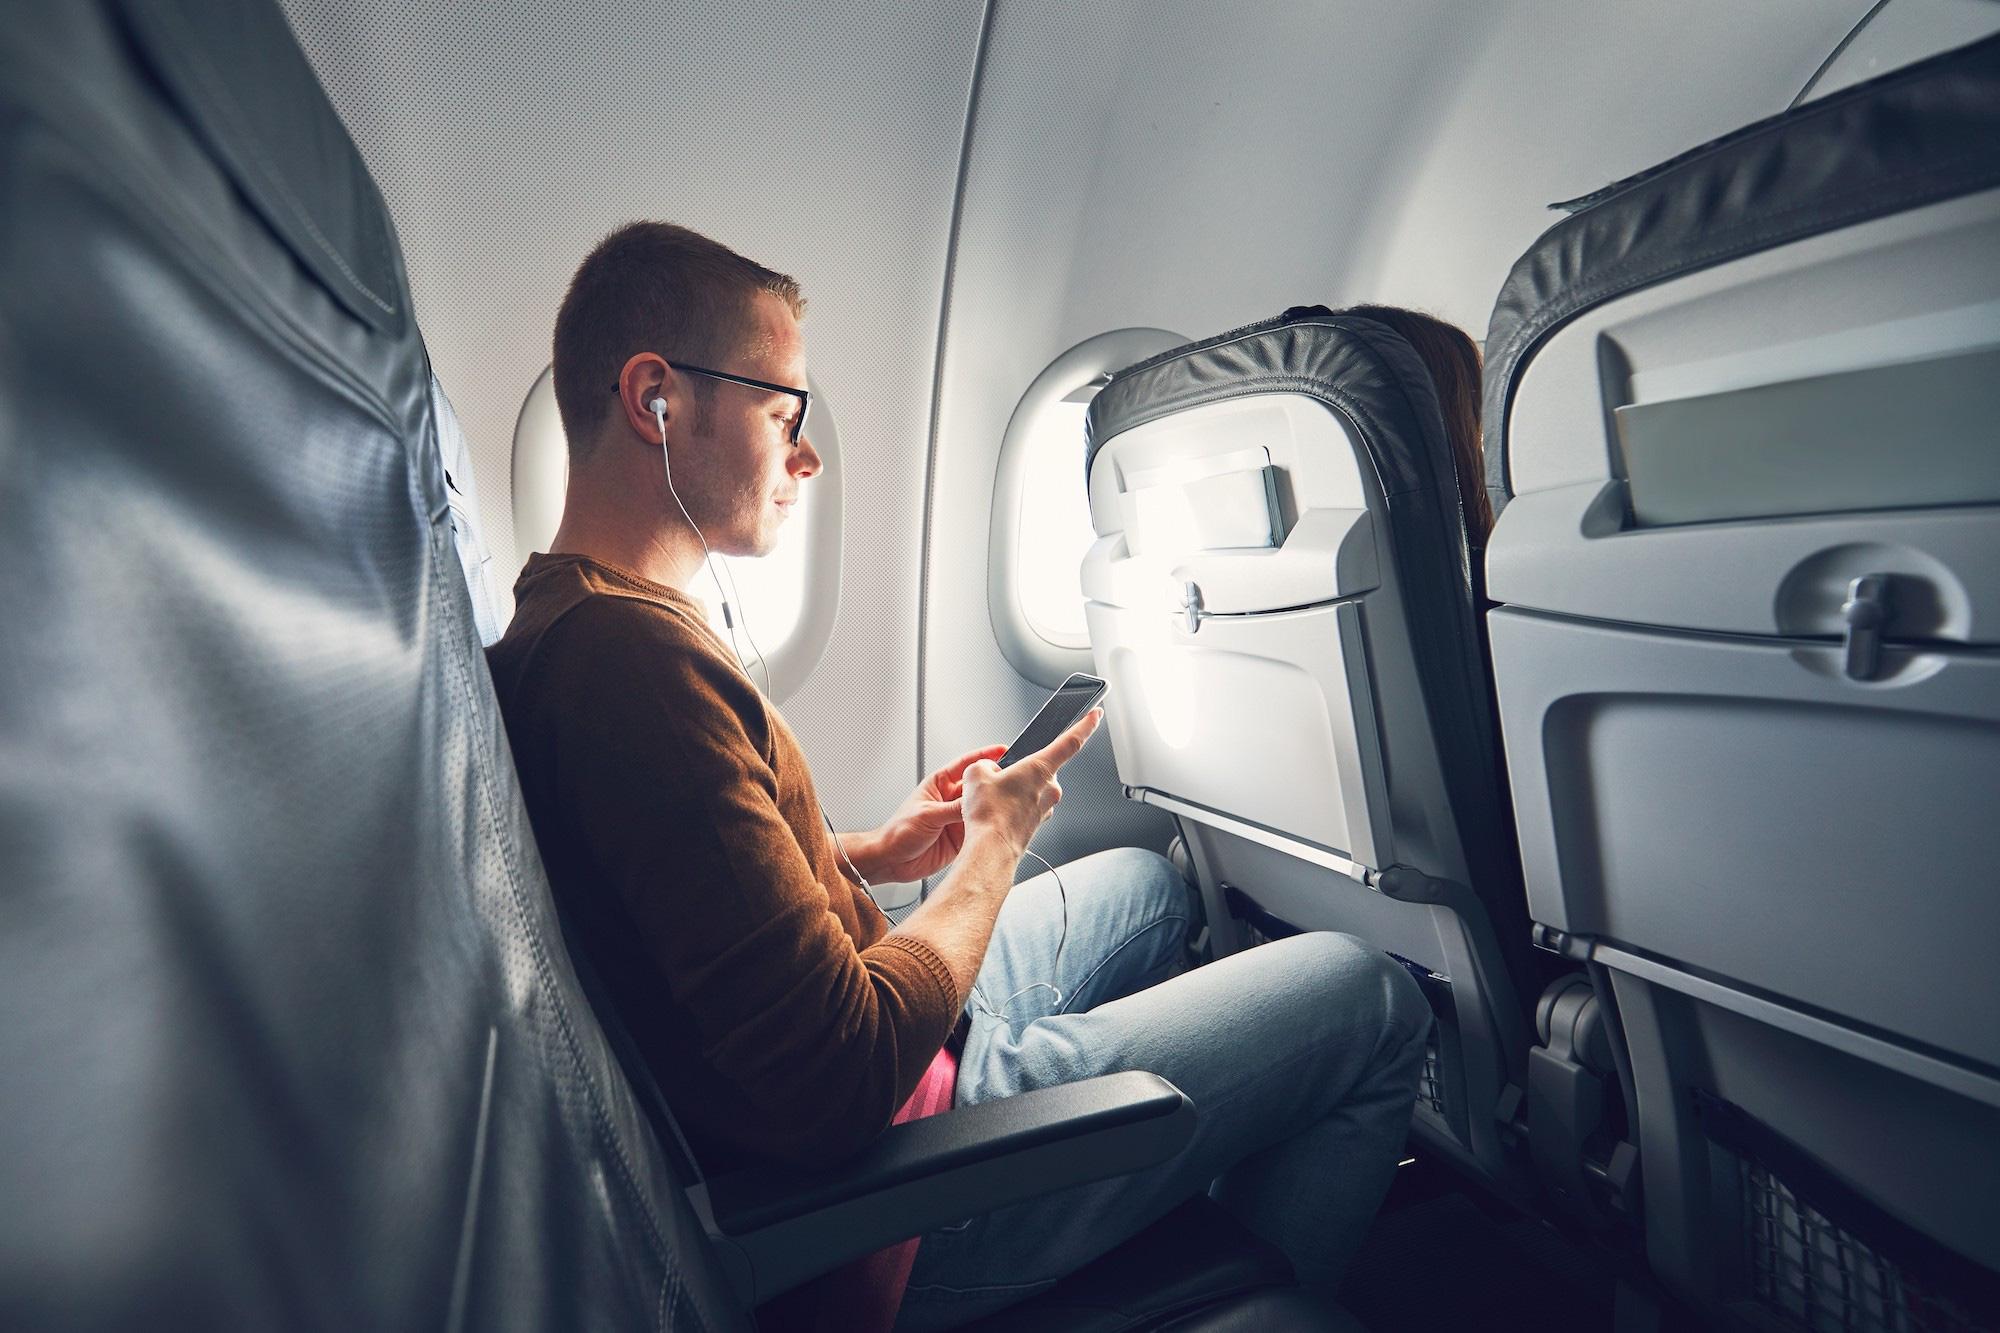 Trong tương lai, hành khách có thể bị tính thêm phí nếu muốn sạc pin điện thoại trên máy bay - Ảnh 2.